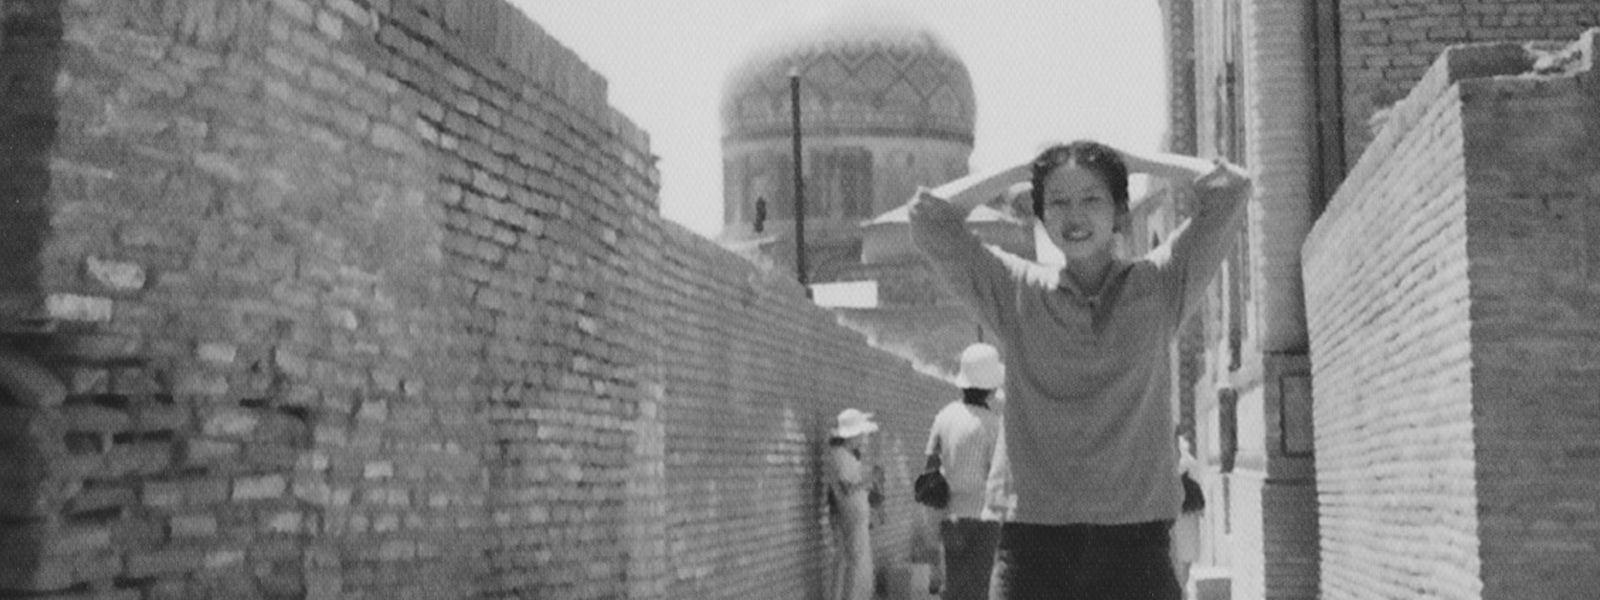 Norie starb im Alter von 23 Jahren. Ihr Sohn, der Filmemacher Yuki Kawamura, hat nun ein filmisches Porträt über sie erstellt. Sein Dokumentarfilm wurde von der Luxemburger Filmgesellschaft Les Films Fauves produziert.